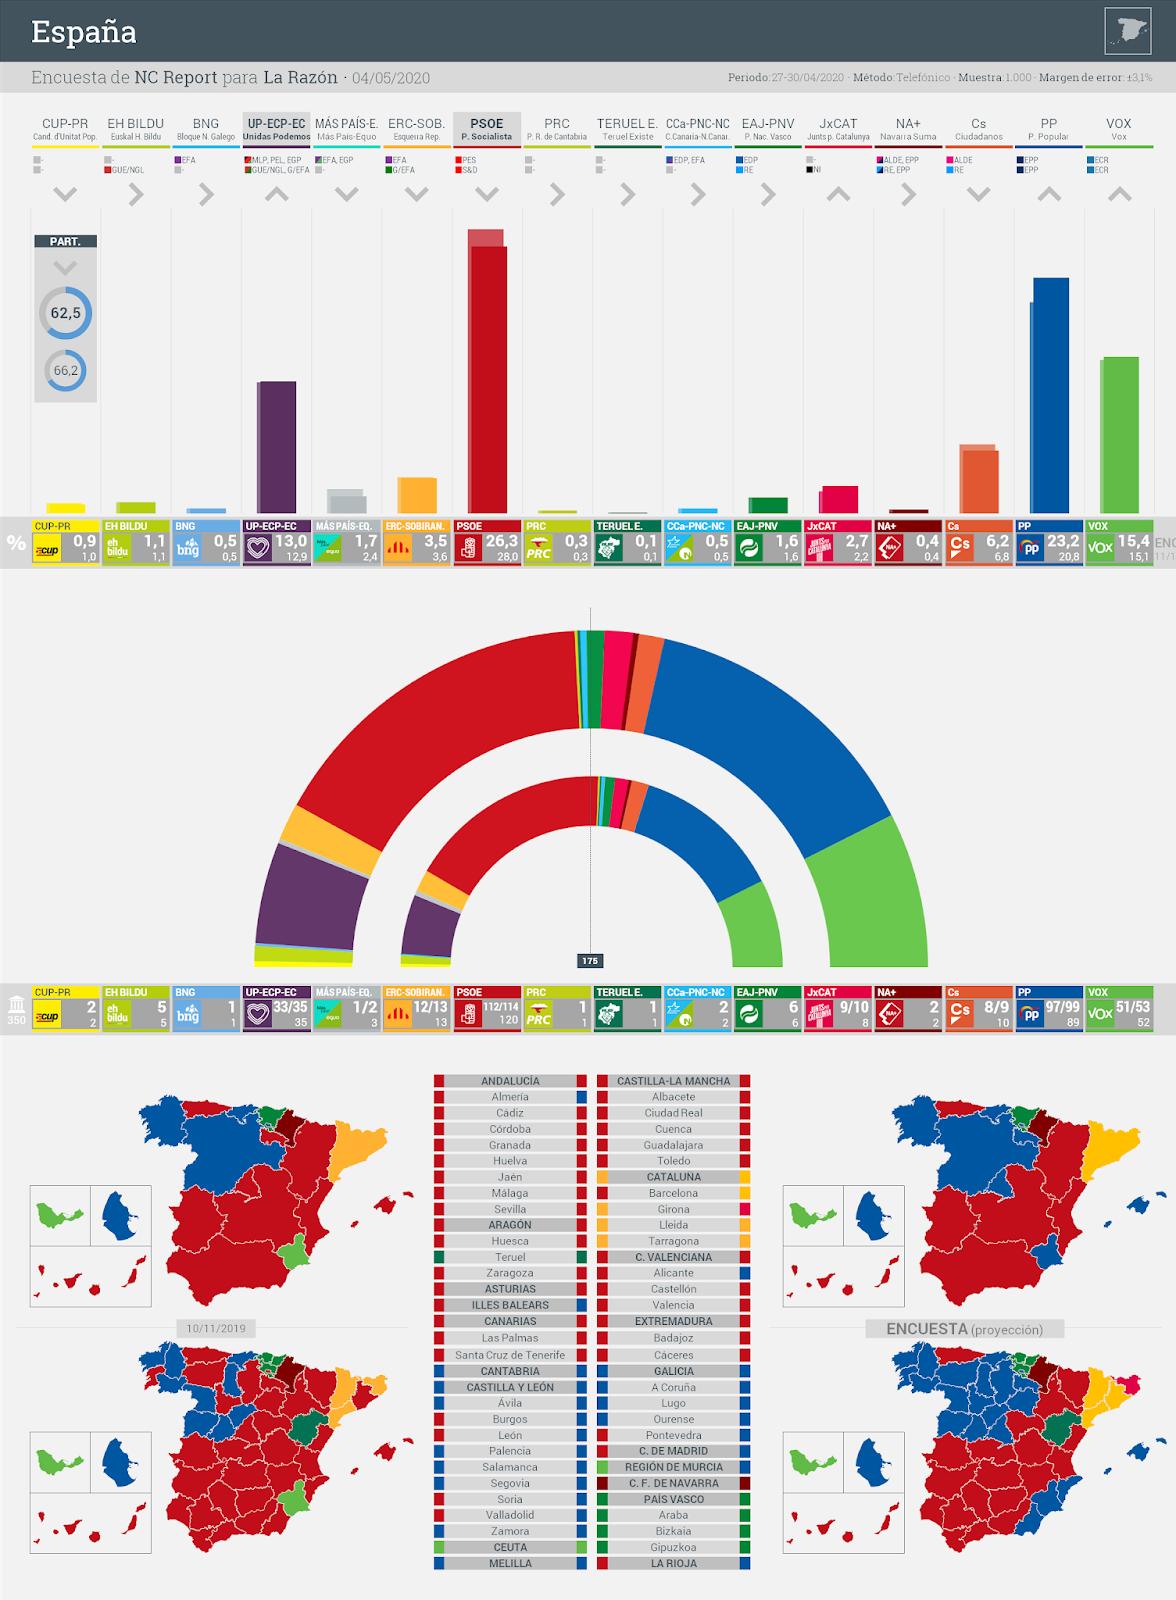 Gráfico de la encuesta para elecciones generales en España realizada por NC Report para La Razón, 4 de mayo de 2020